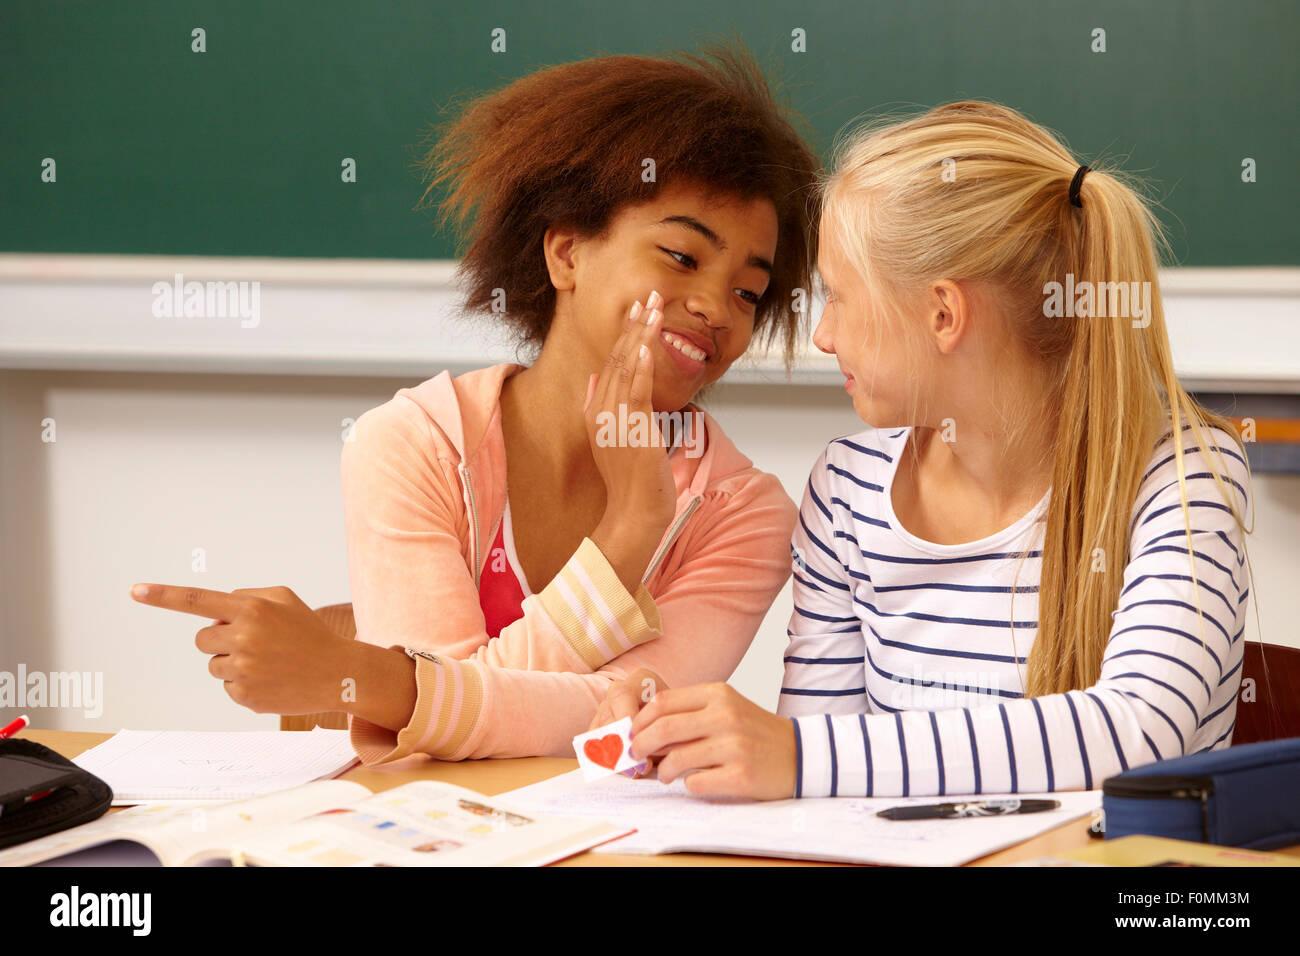 Deux filles murmurer sur une lettre d'amour Photo Stock